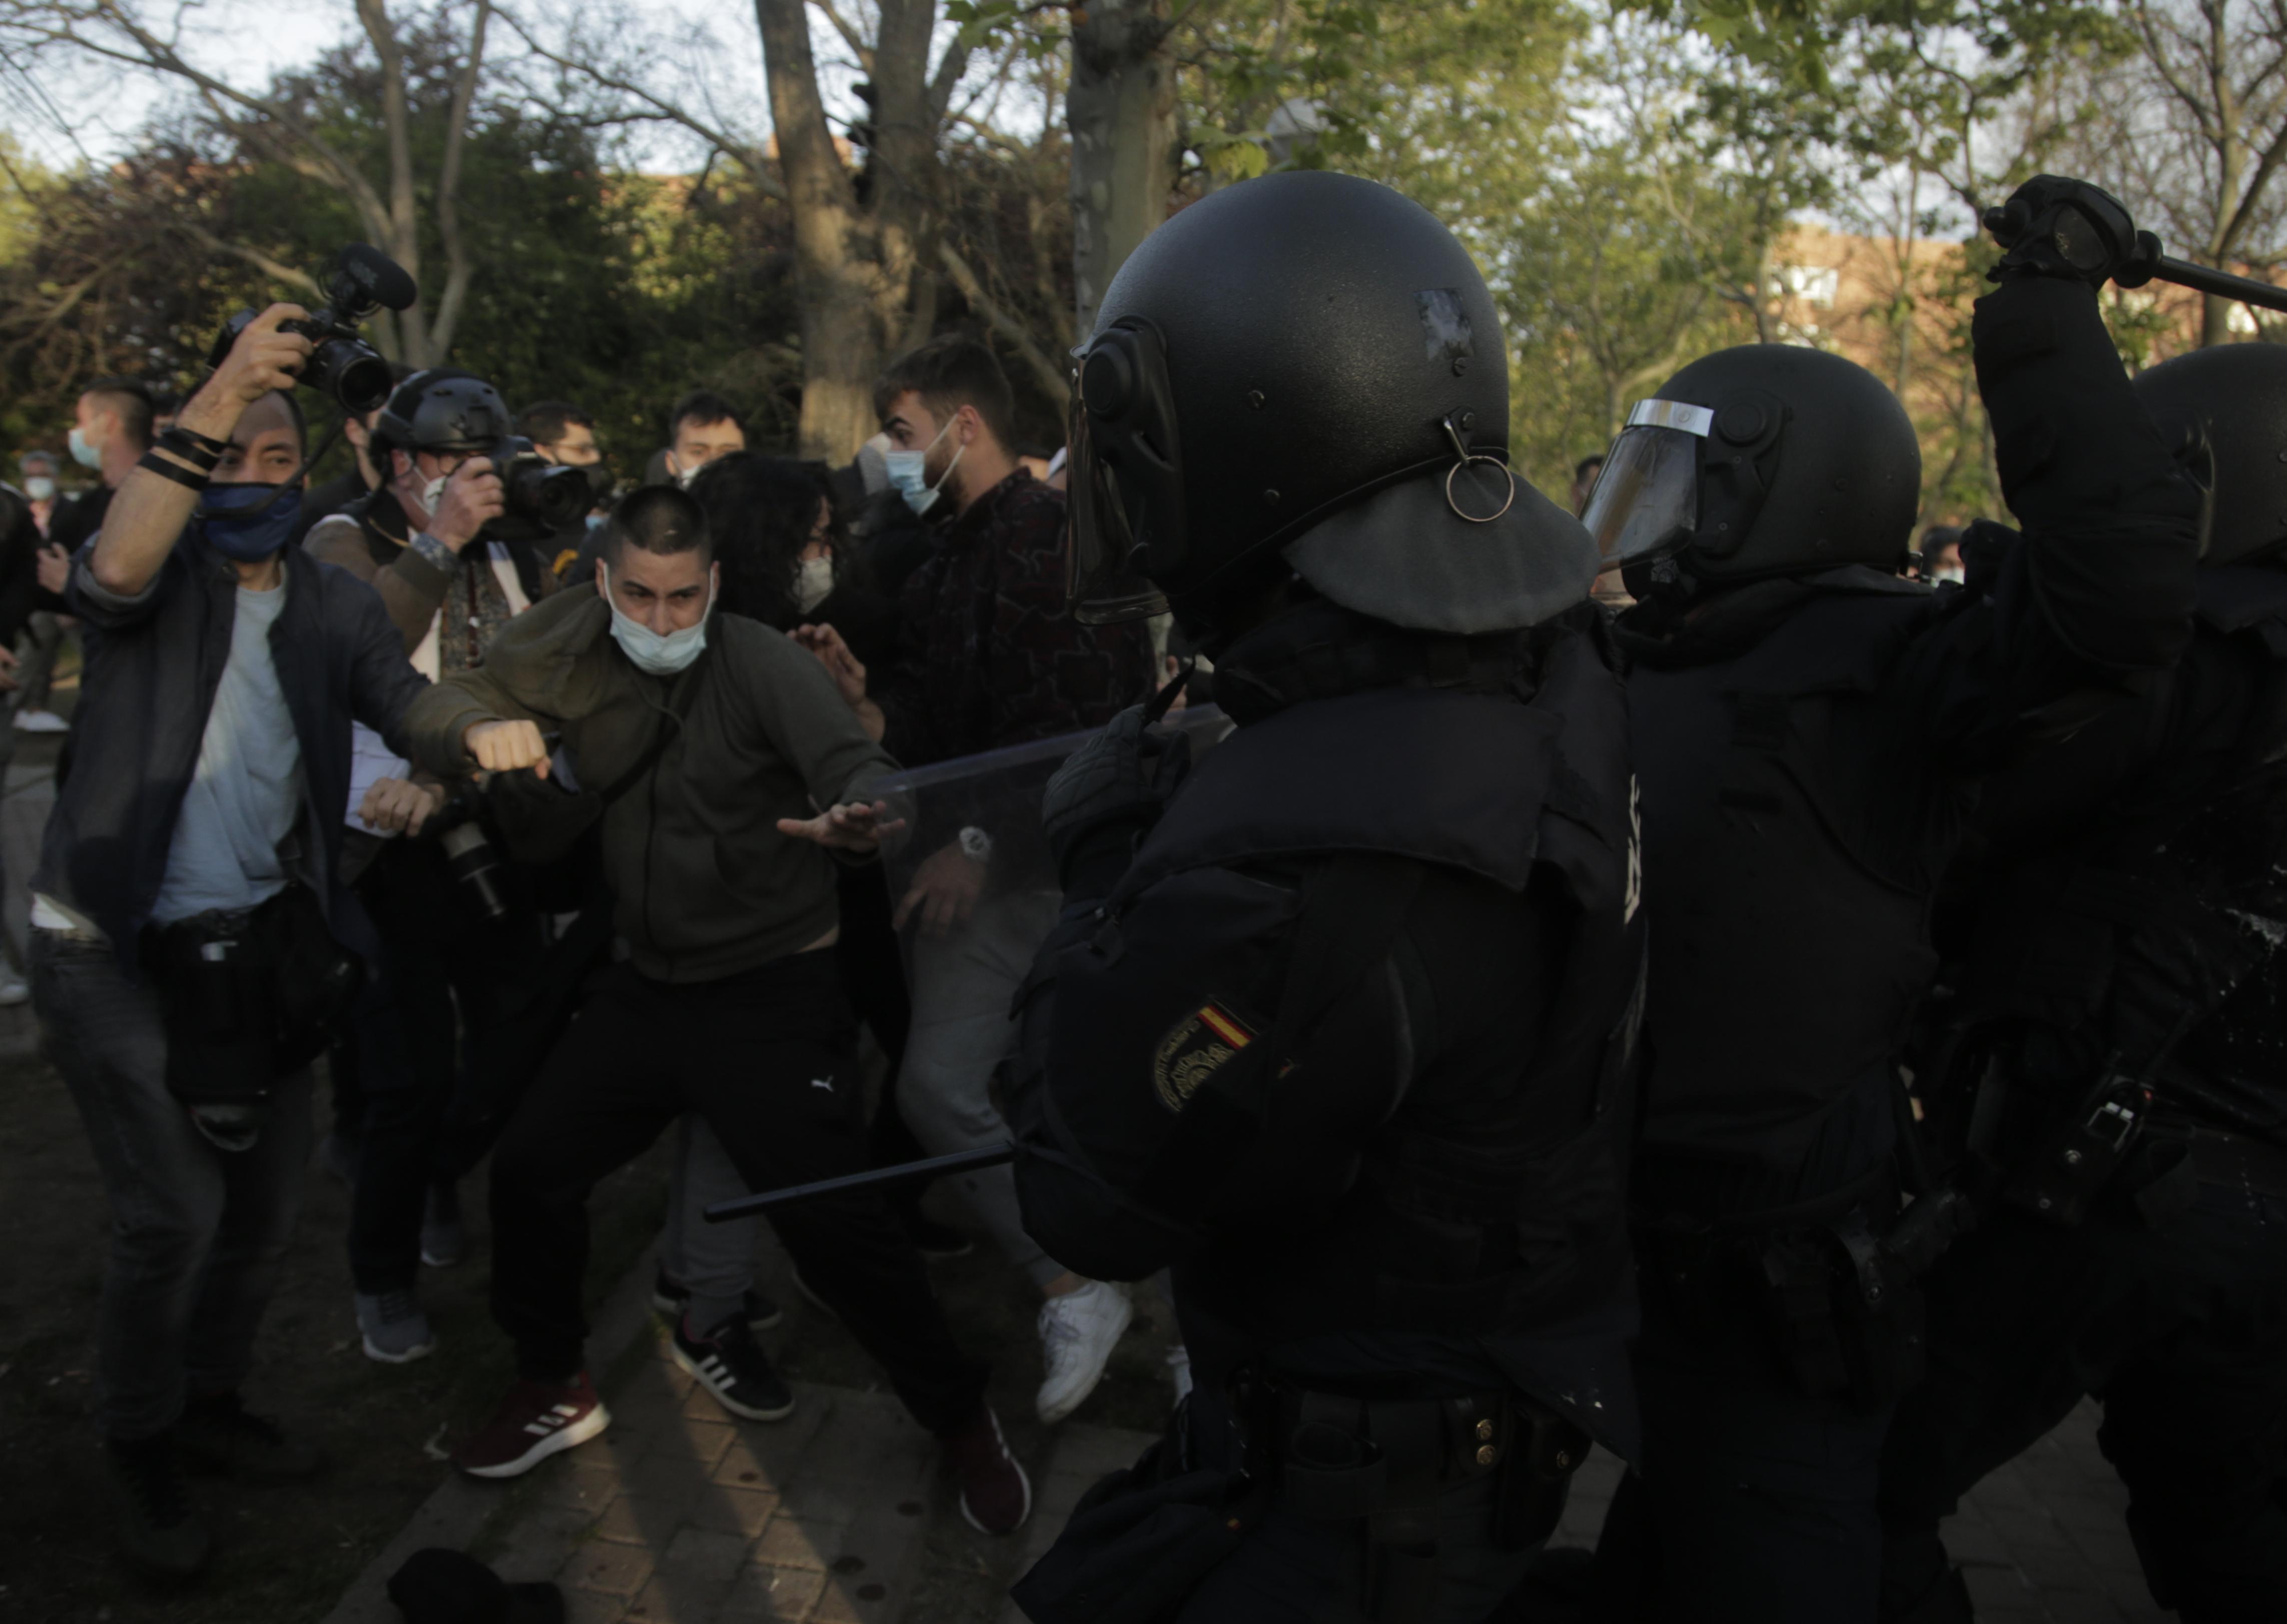 La Policía se enfrenta a los ultras que trataron de reventar el mitin de Vox en Vallecas.